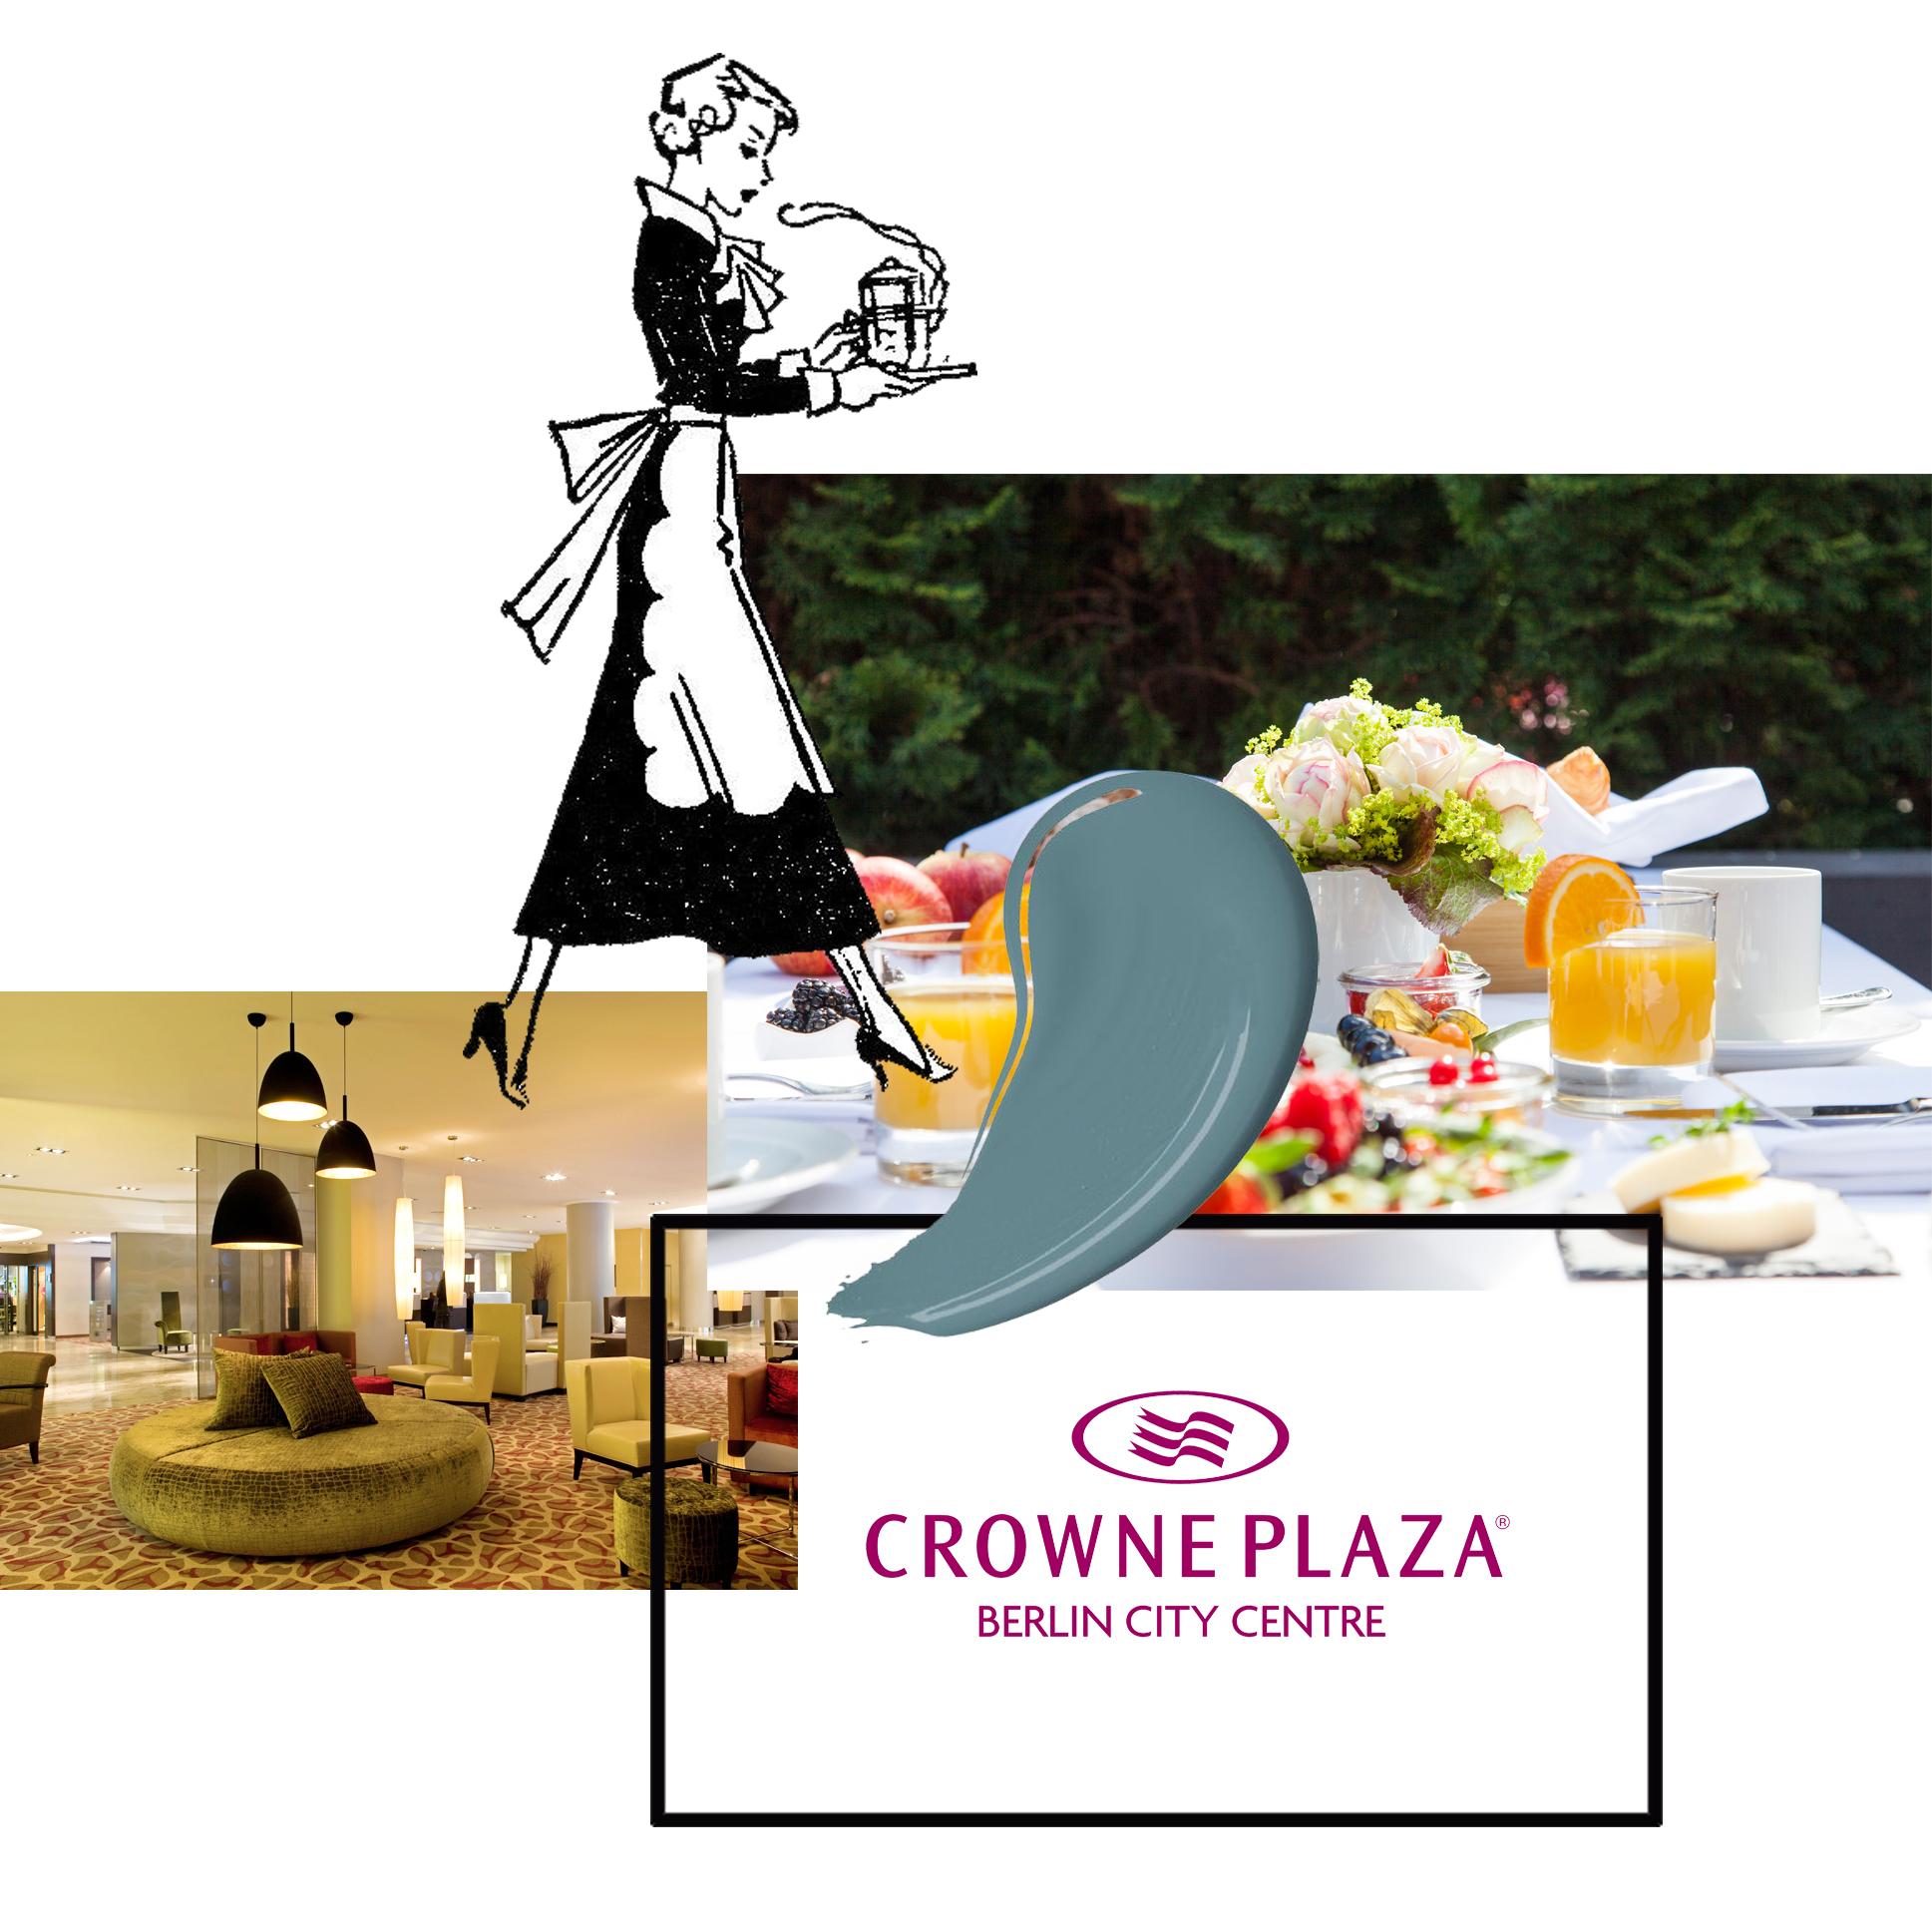 ausbildung im restaurantfach hotel crowne plaza berlin. Black Bedroom Furniture Sets. Home Design Ideas